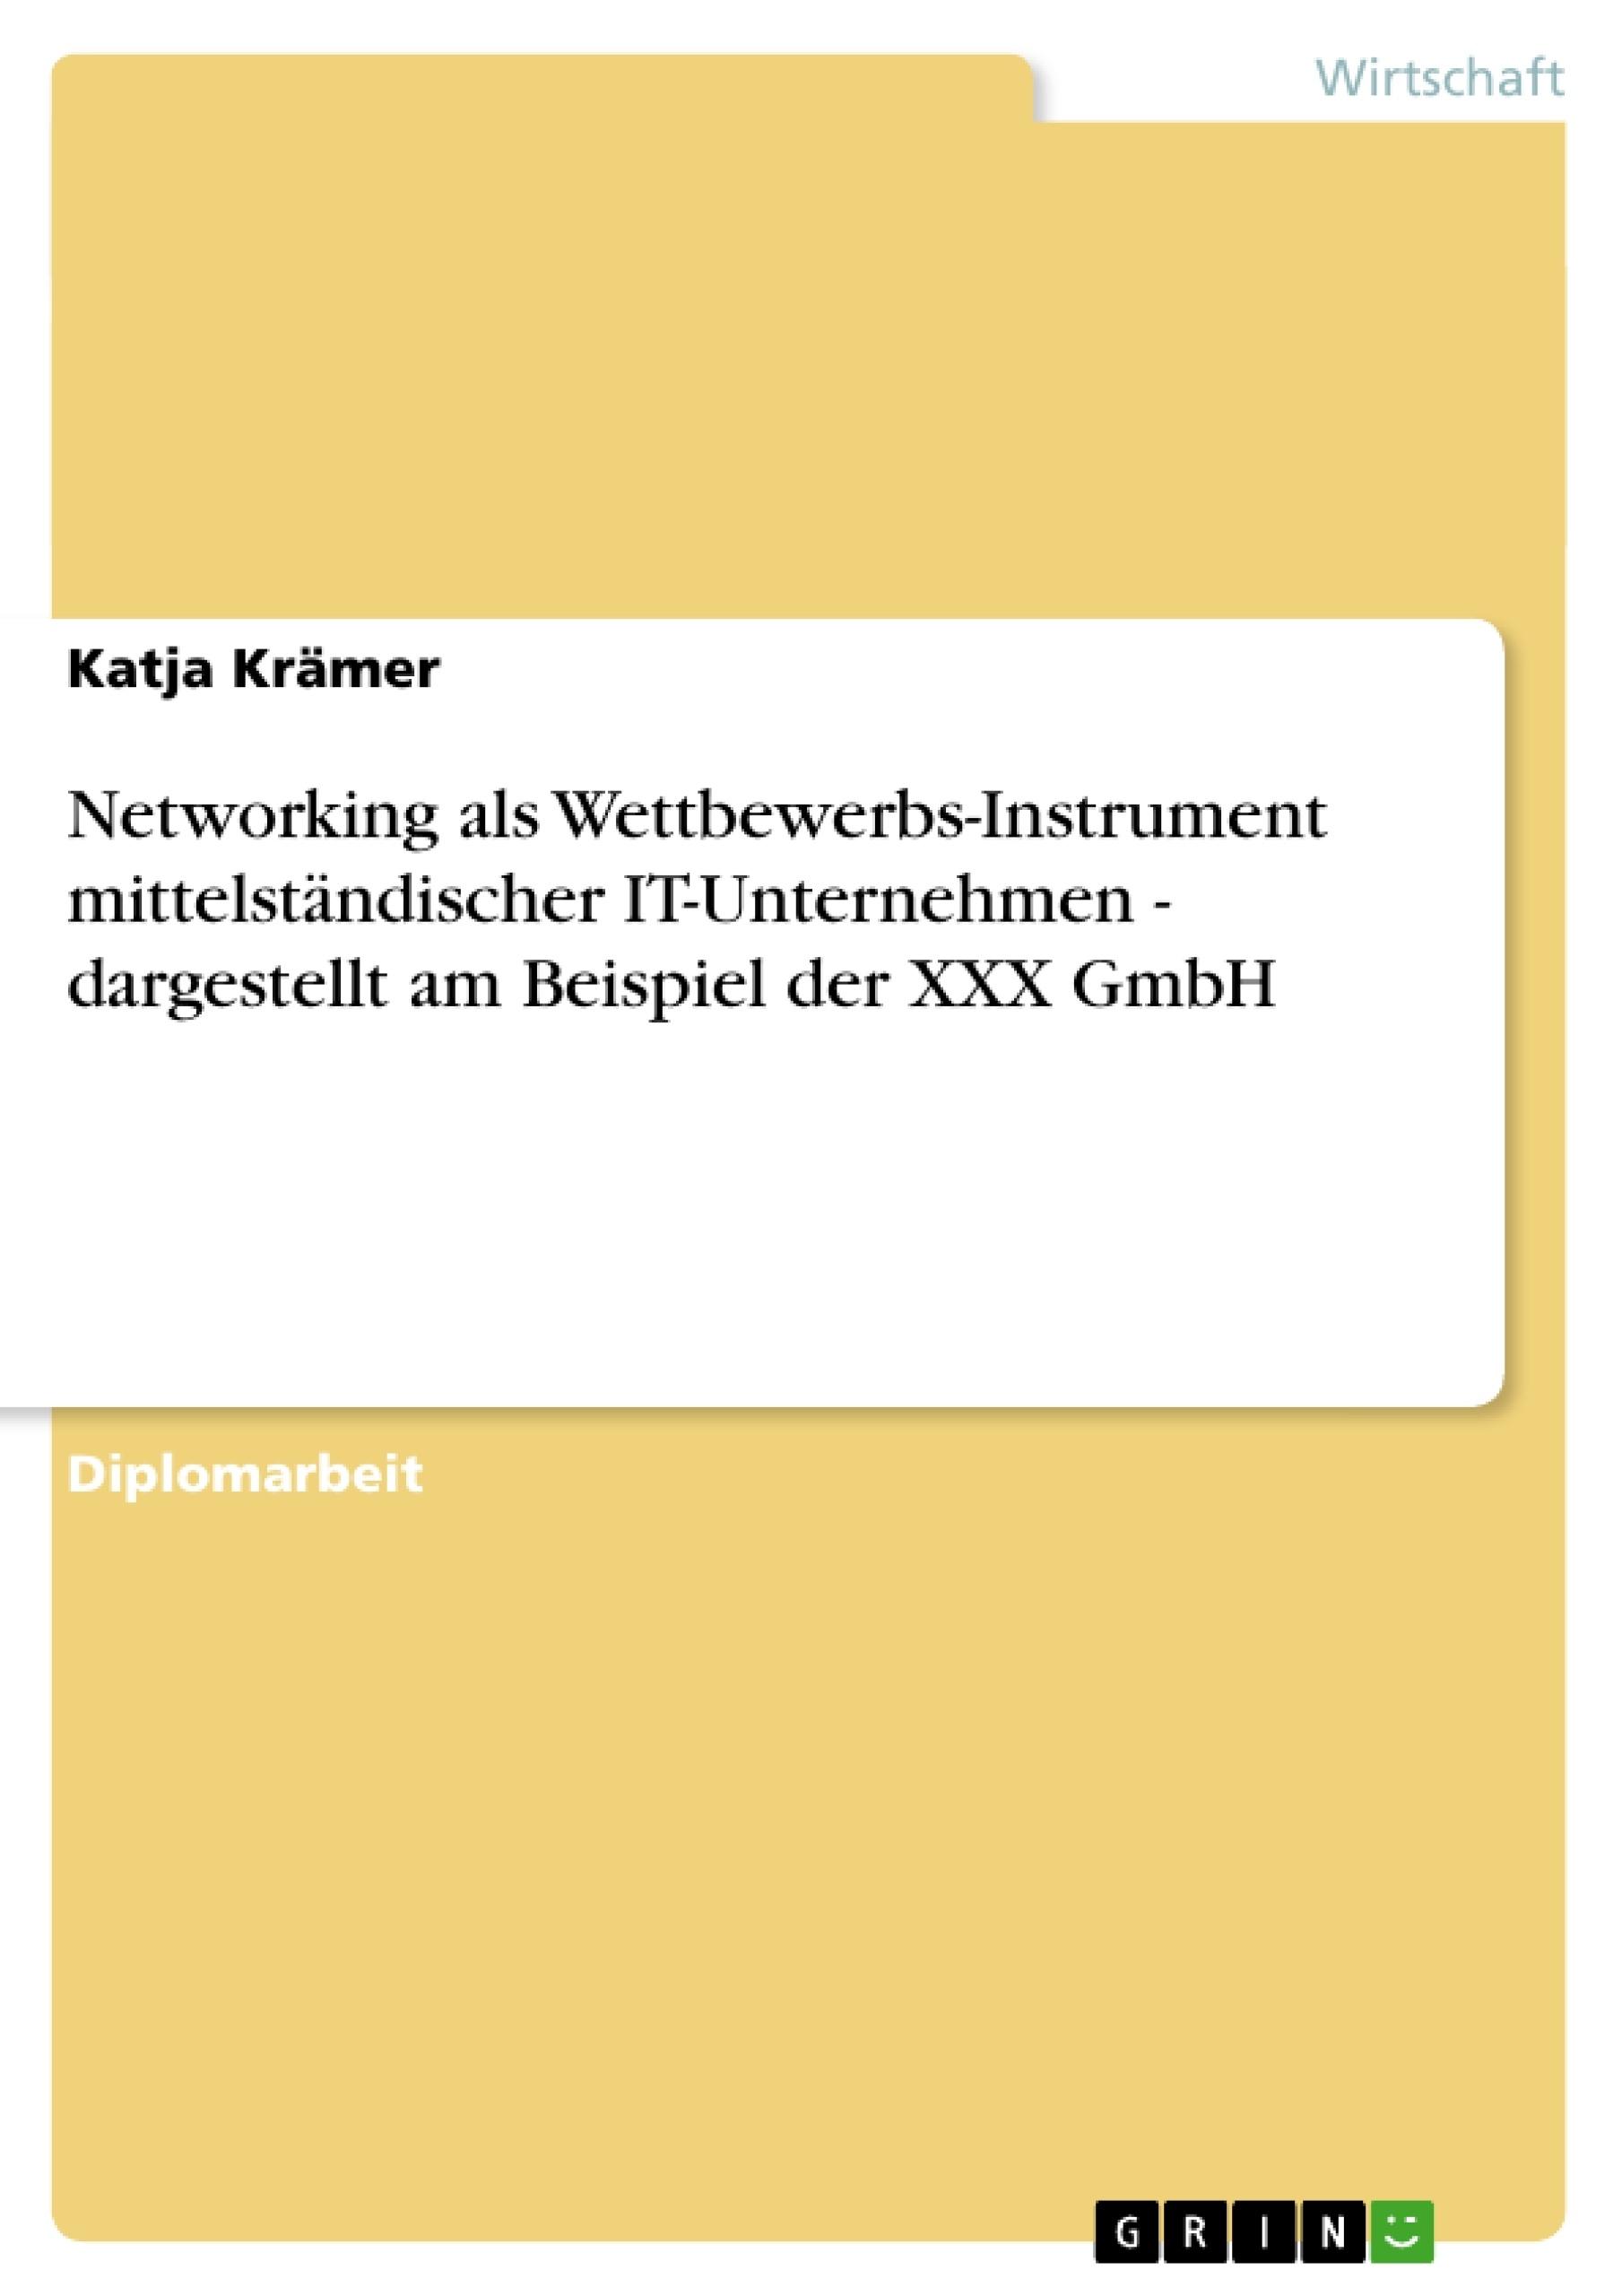 Titel: Networking als Wettbewerbs-Instrument mittelständischer IT-Unternehmen - dargestellt am Beispiel der XXX GmbH